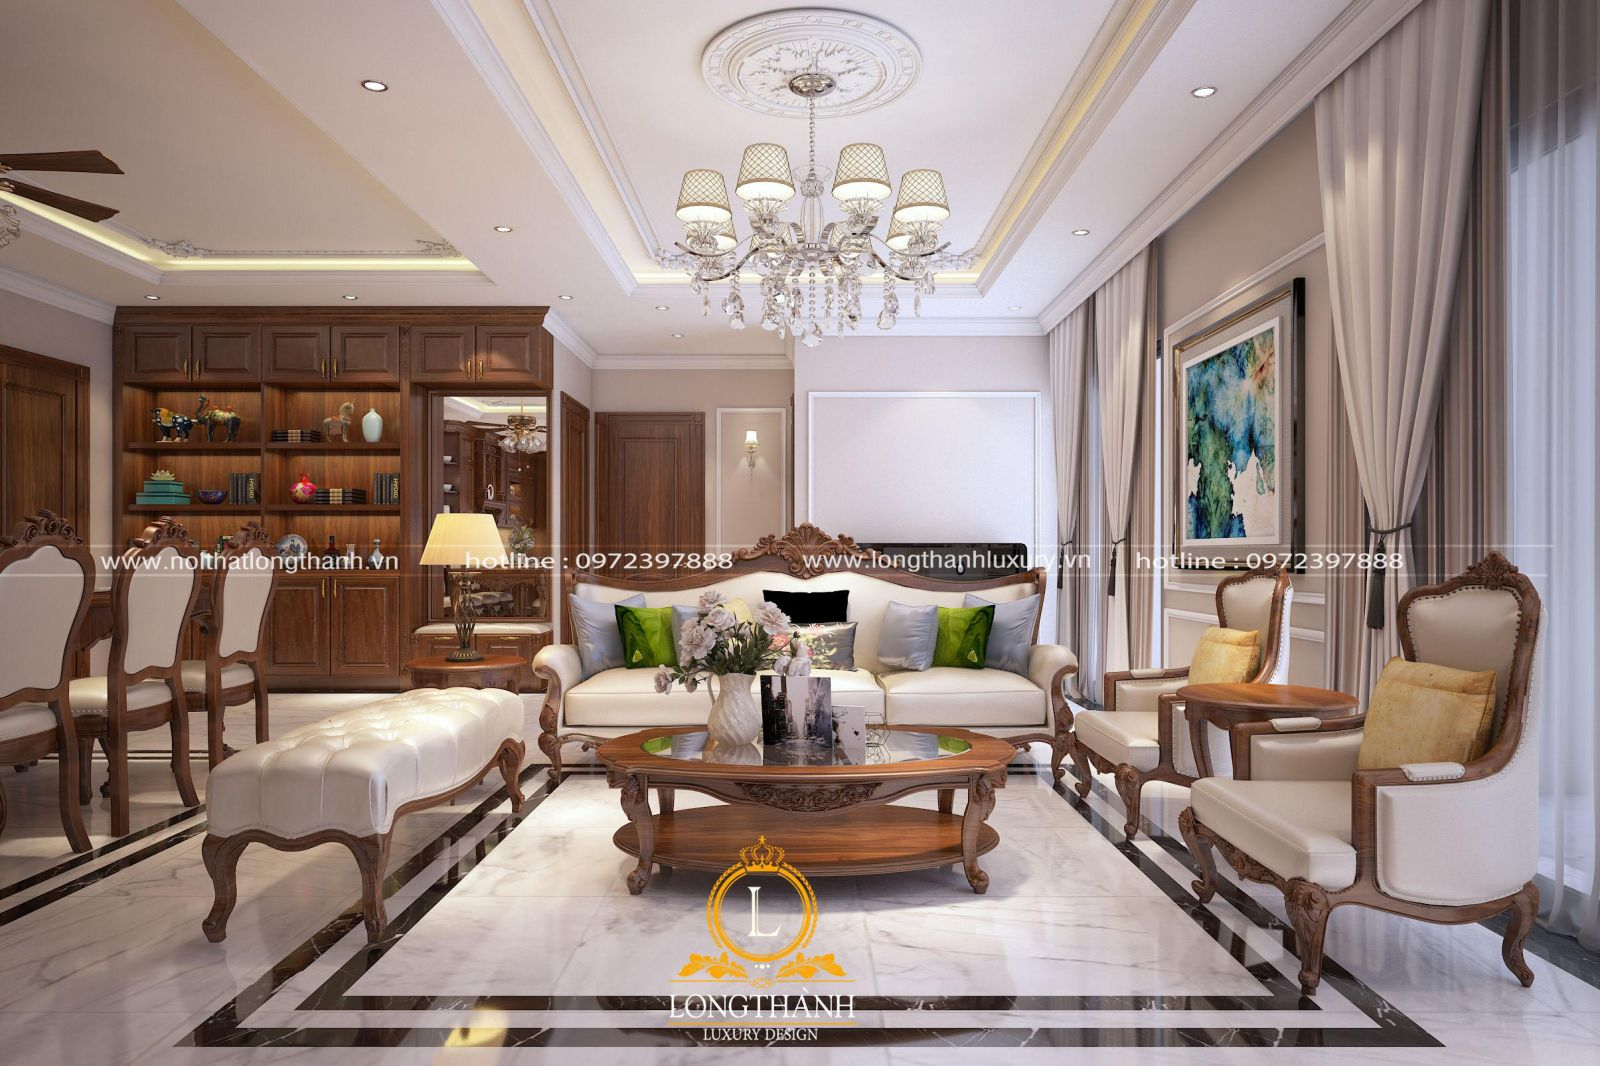 Mẫu sofa được lựa chọn sử dụng bảo đảm vẻ đẹp tinh tế  riêng cho phòng khách